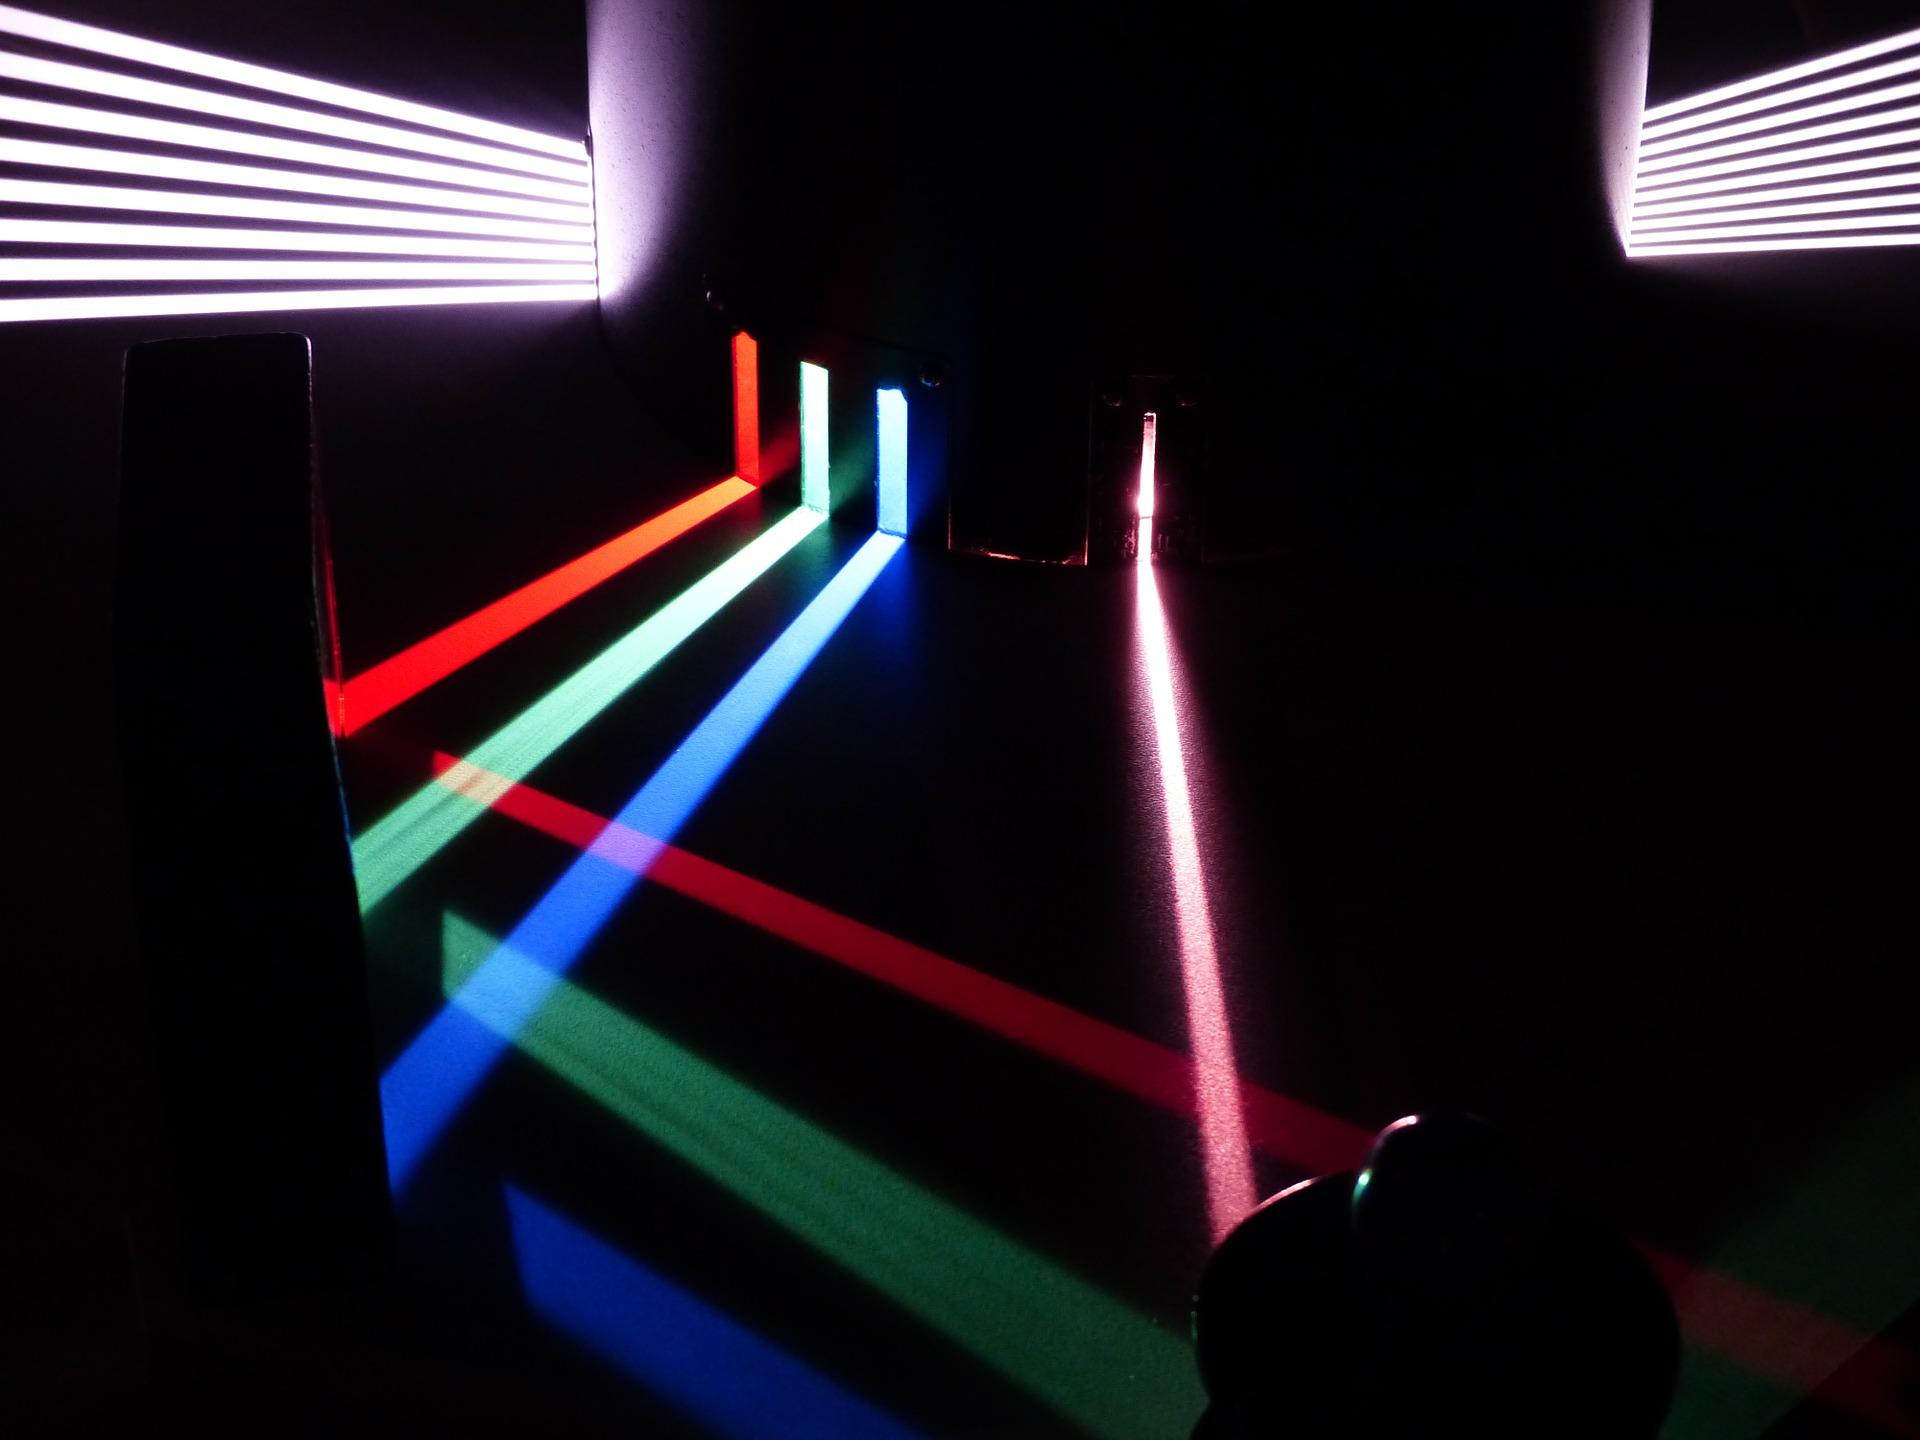 spectrum-113363_1920